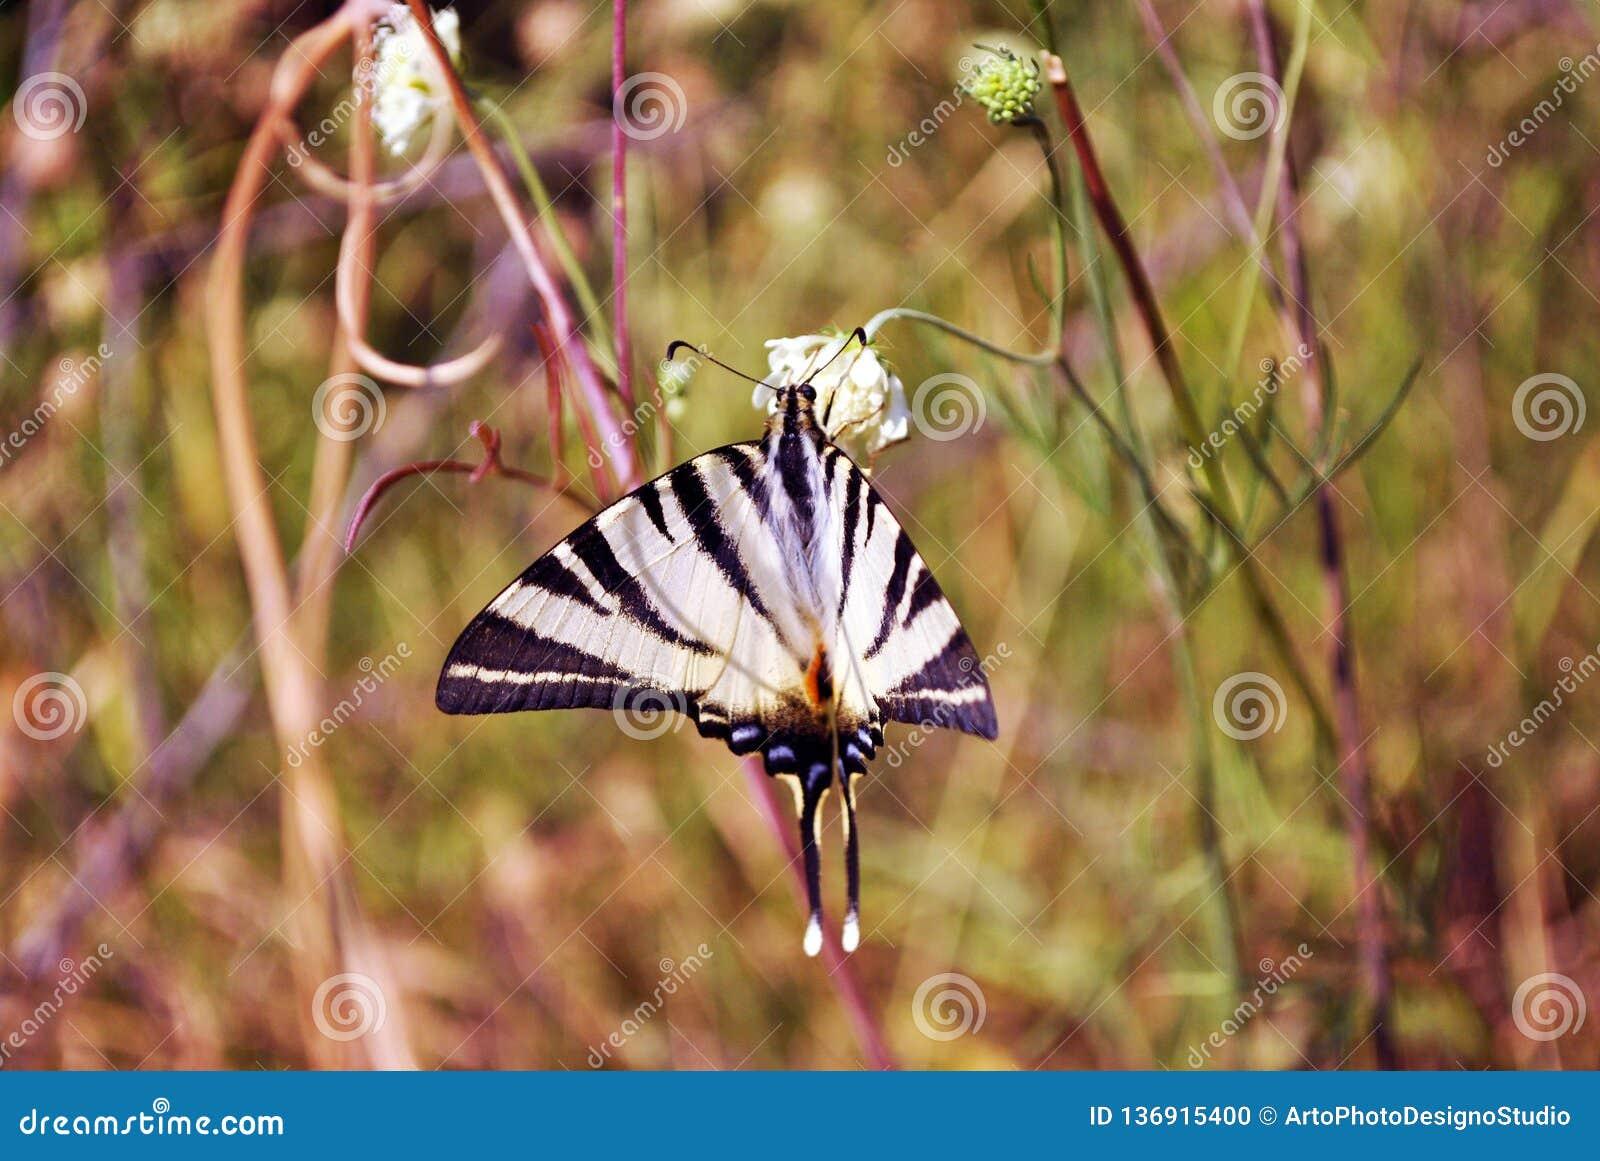 De schaarse podaliriuszitting van swallowtailiphiclides op witte bloem, geel gras